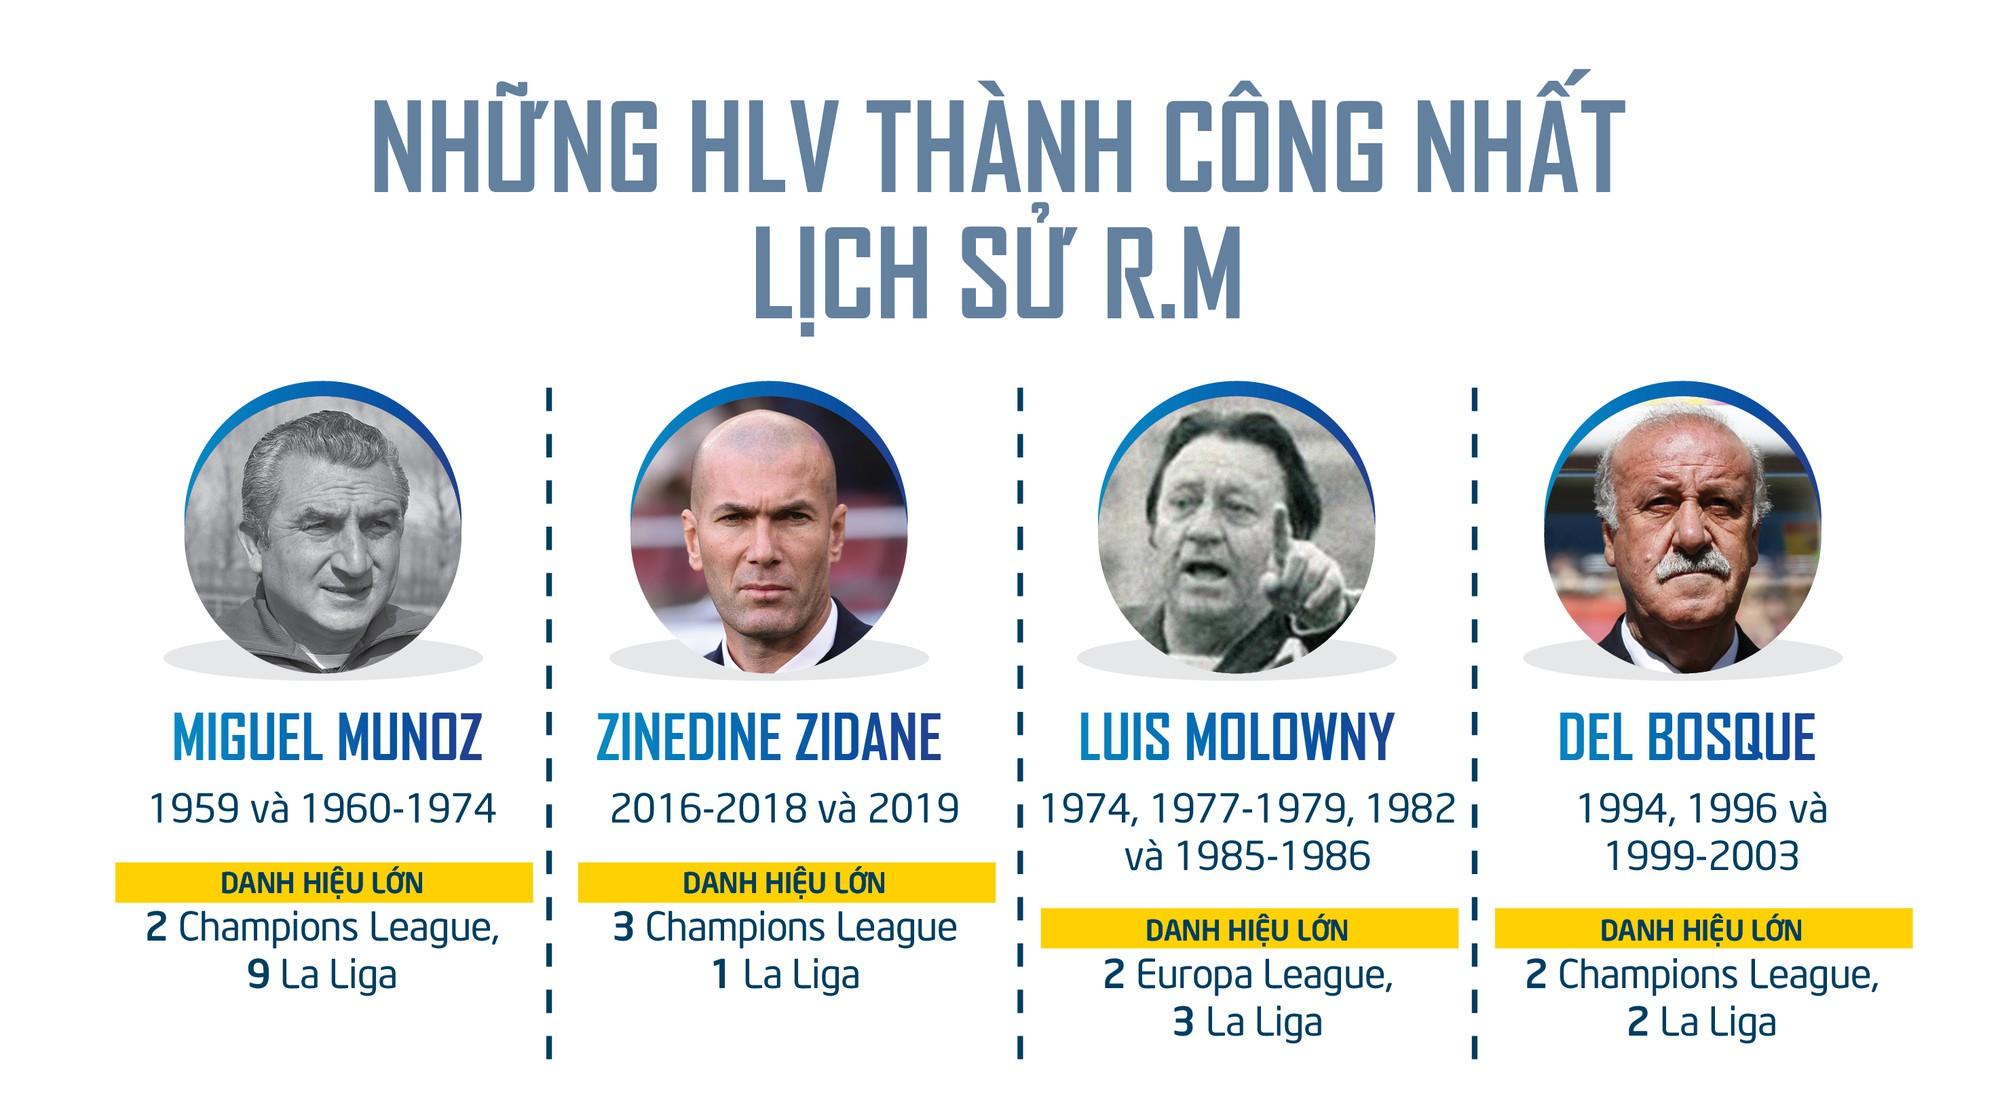 Zidane trở lại R.M: Sao không thể tắm hai lần trên một dòng sông? - Ảnh 9.